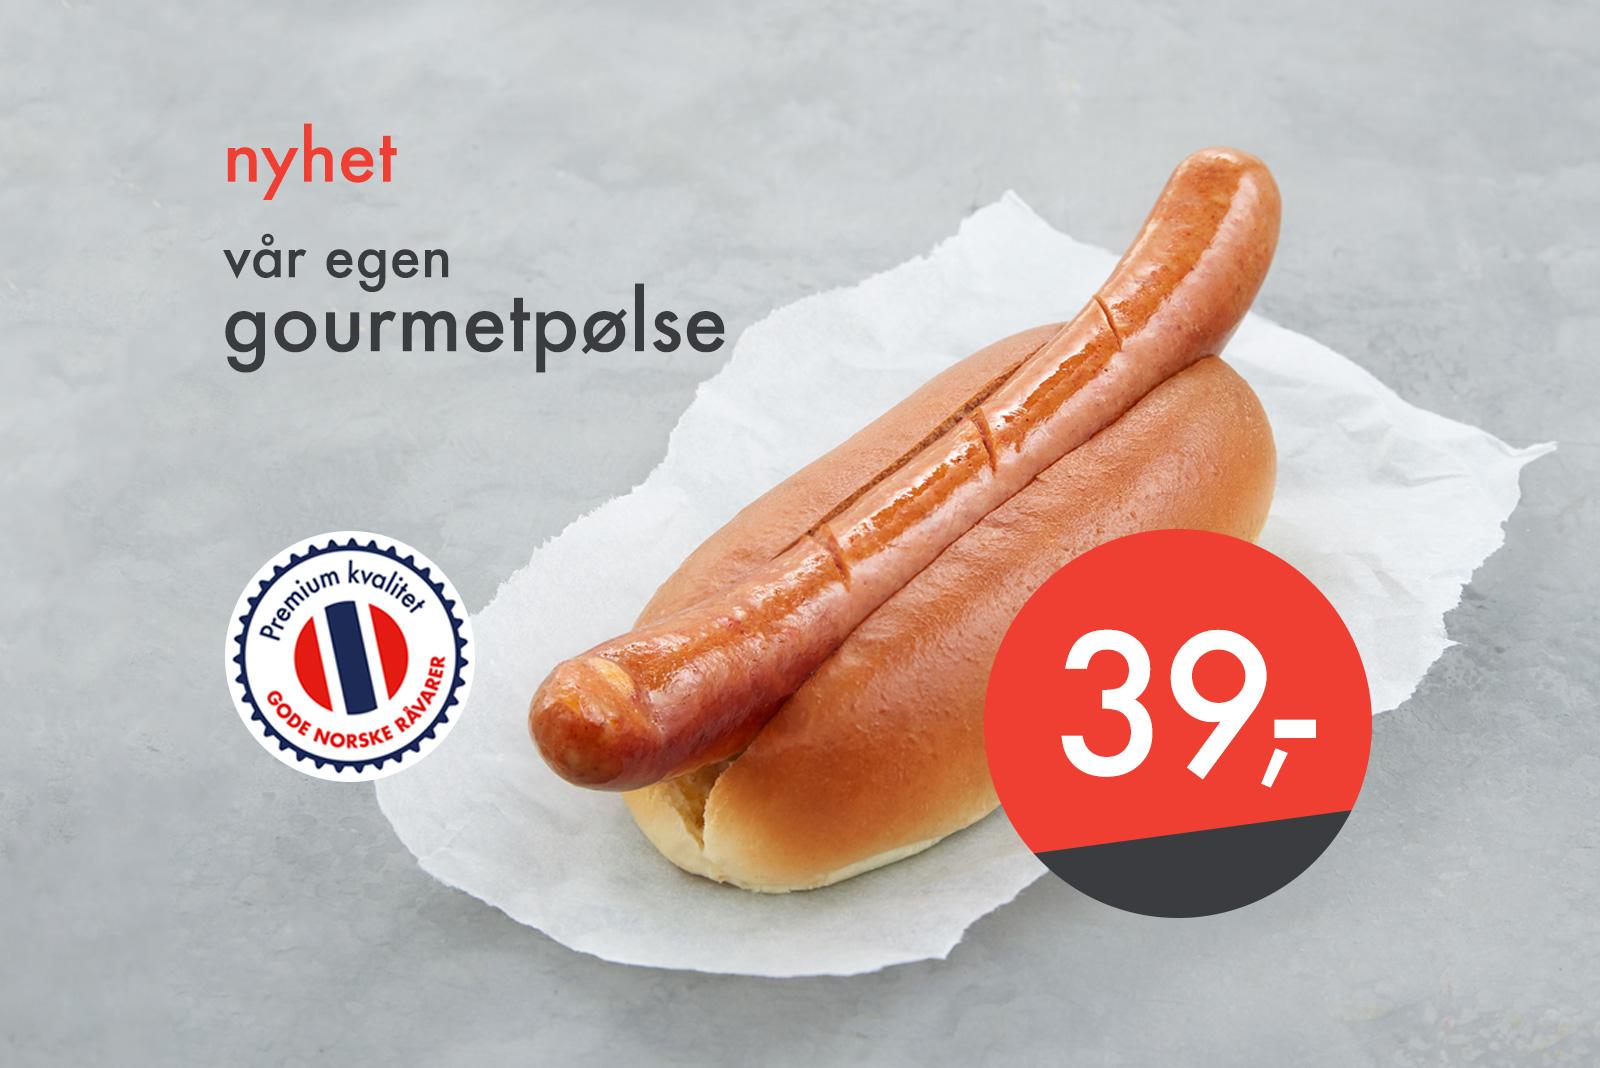 gourmetpolse-39kr_Shell_nettside_webboard